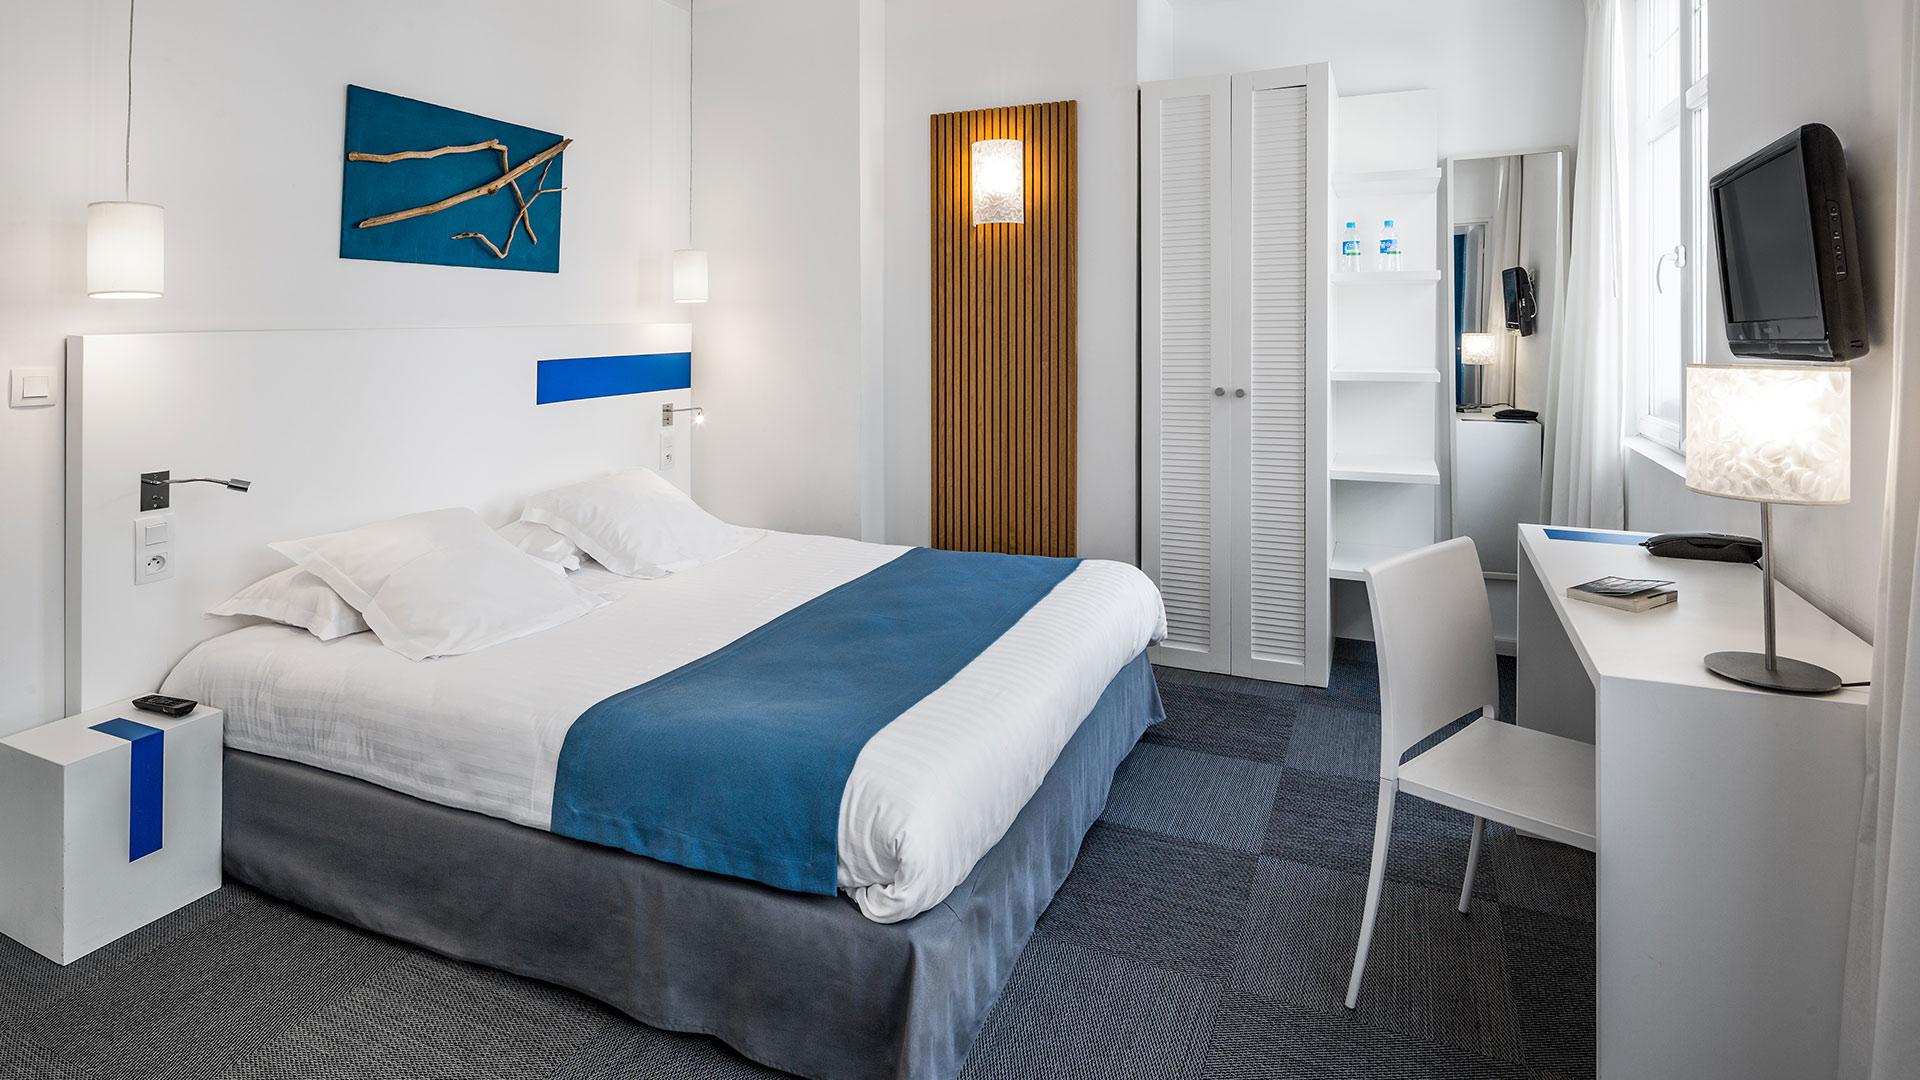 Chambre d'hôtel 3 étoiles à Biarritz